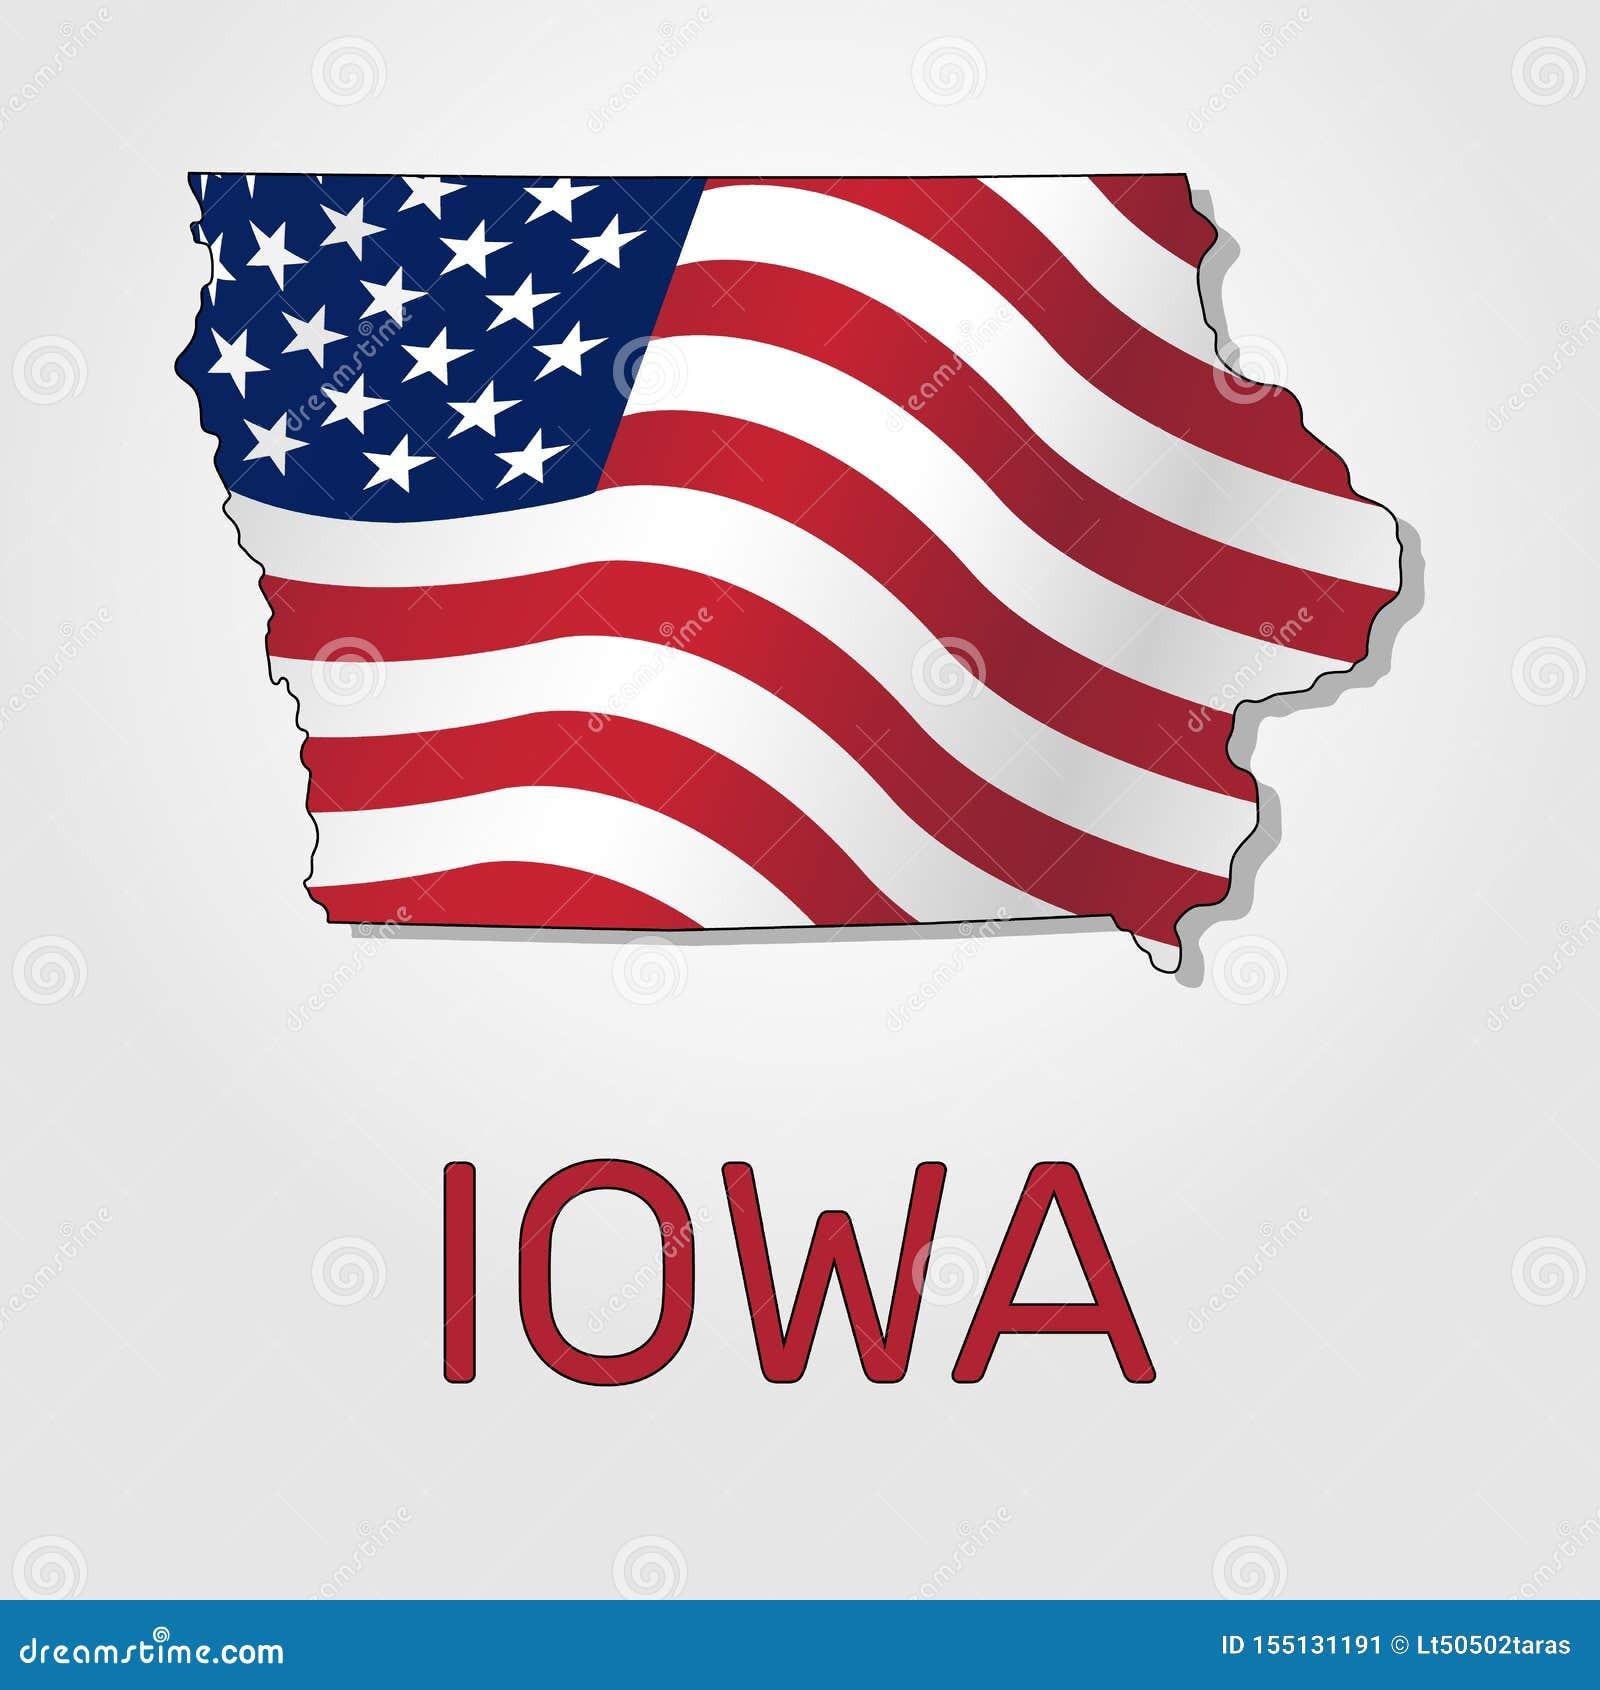 Mapa stan Iowa w połączeniu z falowaniem flaga Stany Zjednoczone - wektor